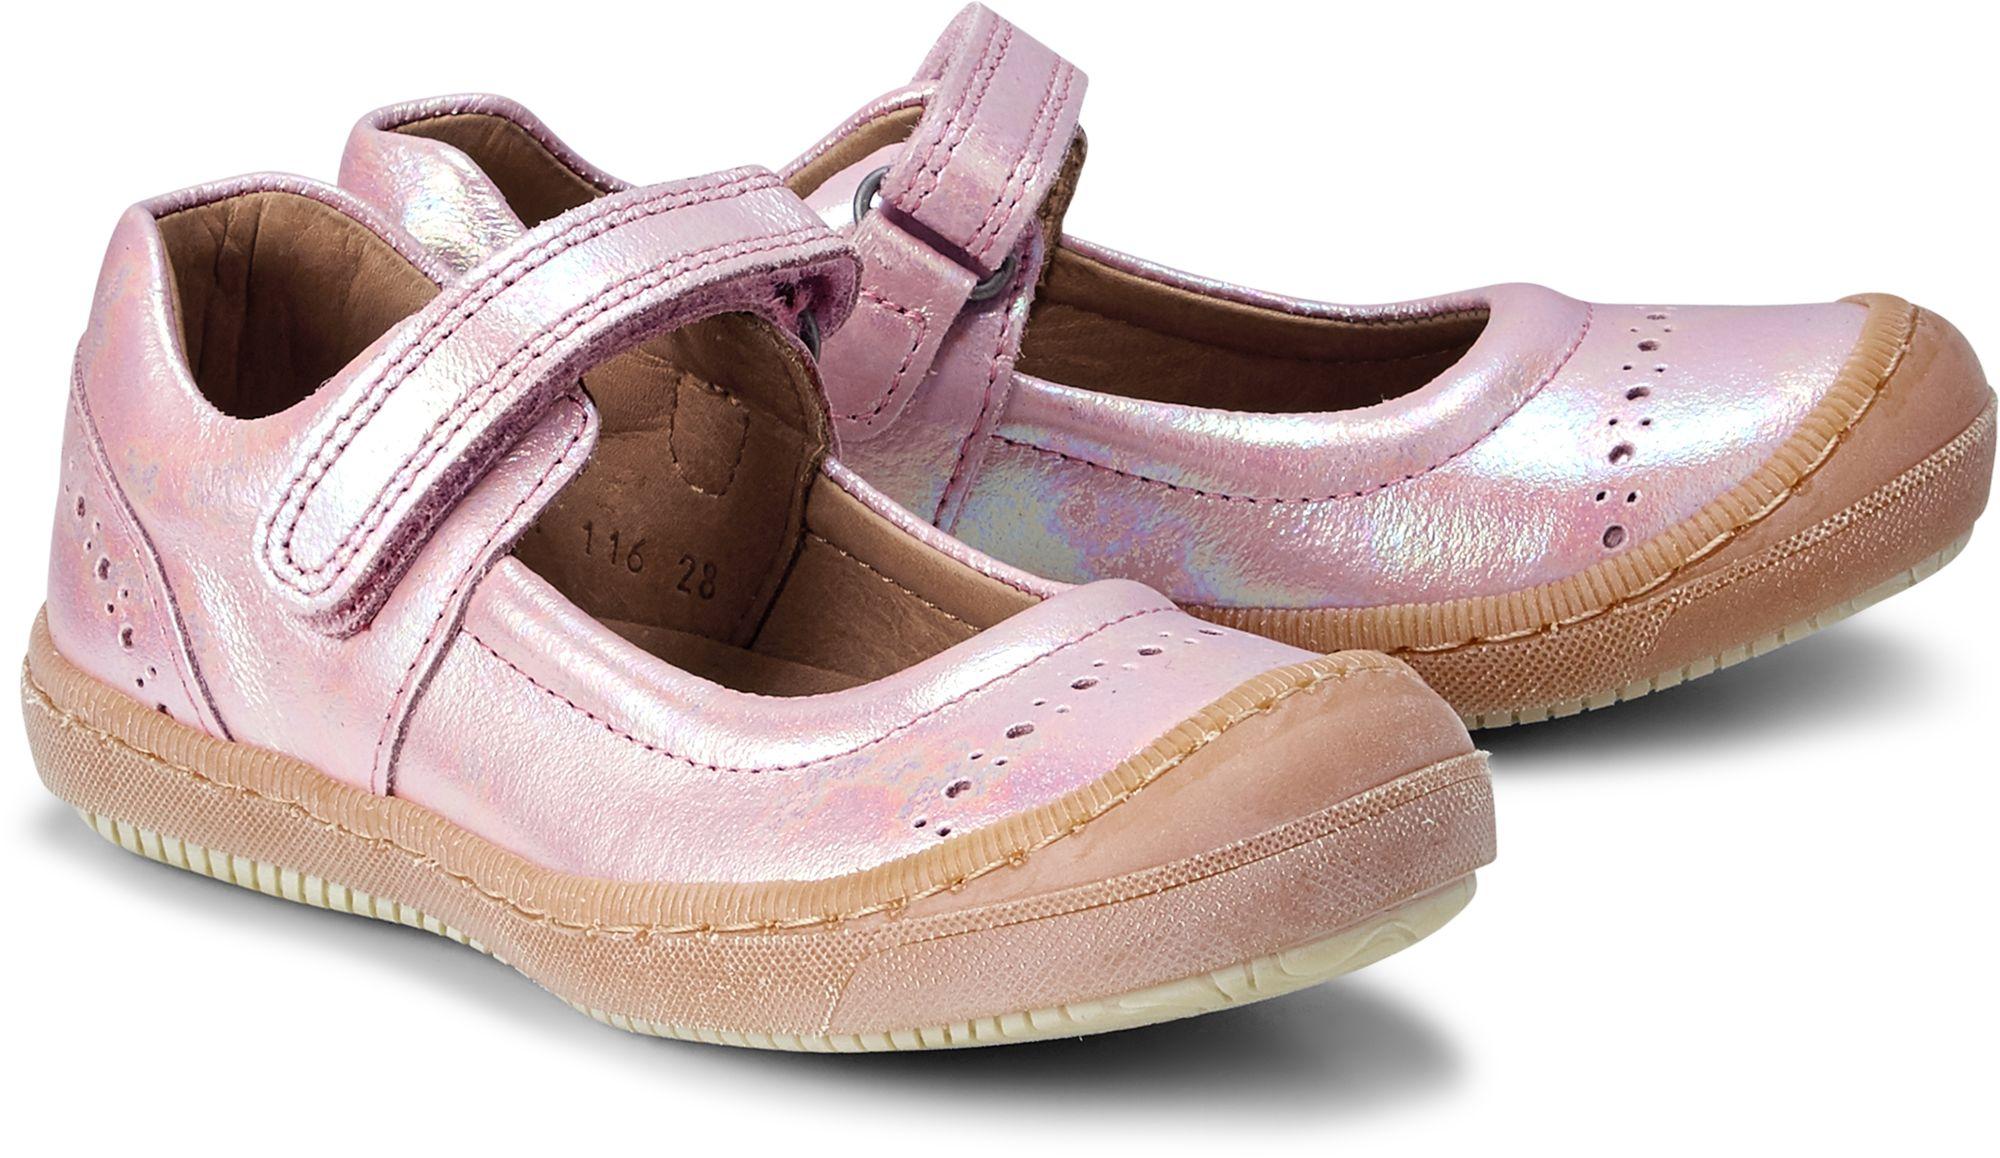 Mädchen Ballerina von Bisgaard in rosa für Mädchen. Gr. 26